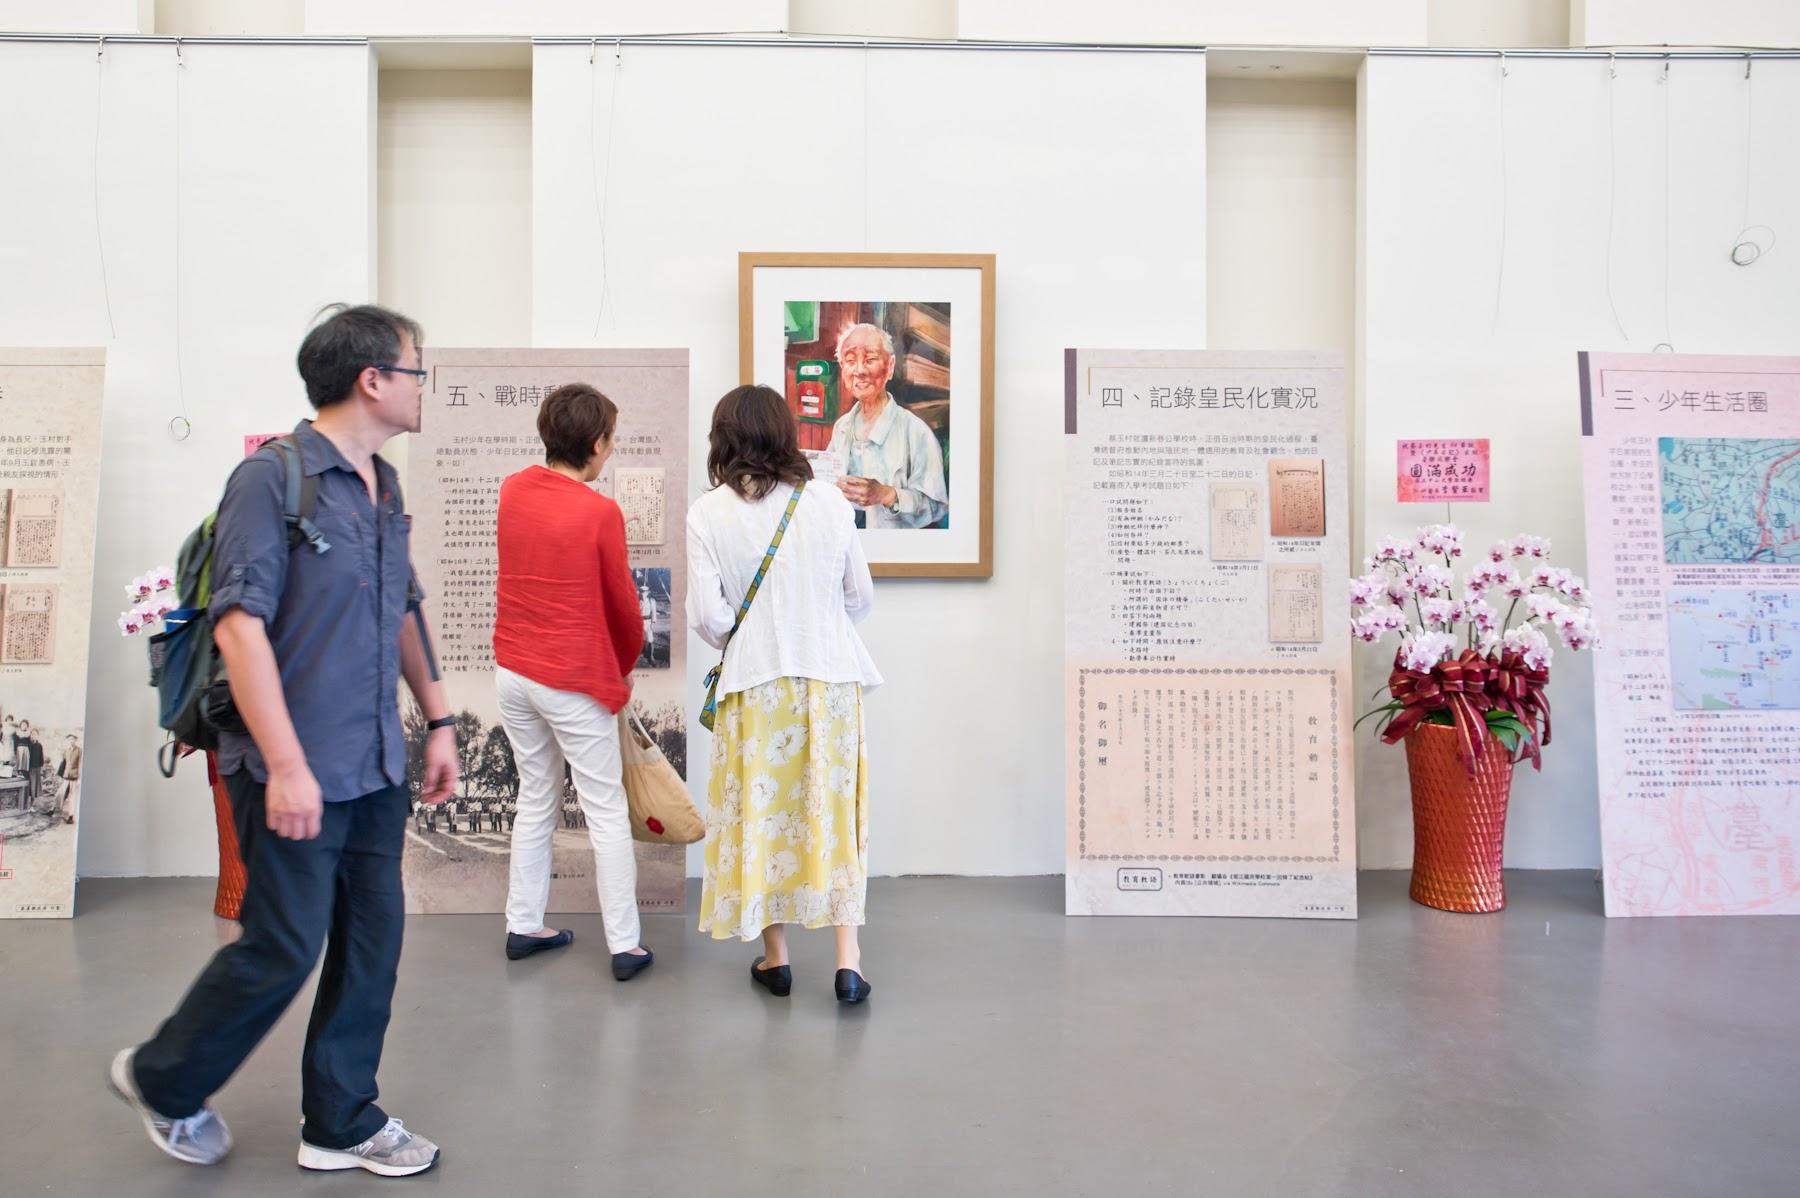 活動現場的圖文展示區,牆上的畫作「 樂活」是瑞妙畫的玉村先生。